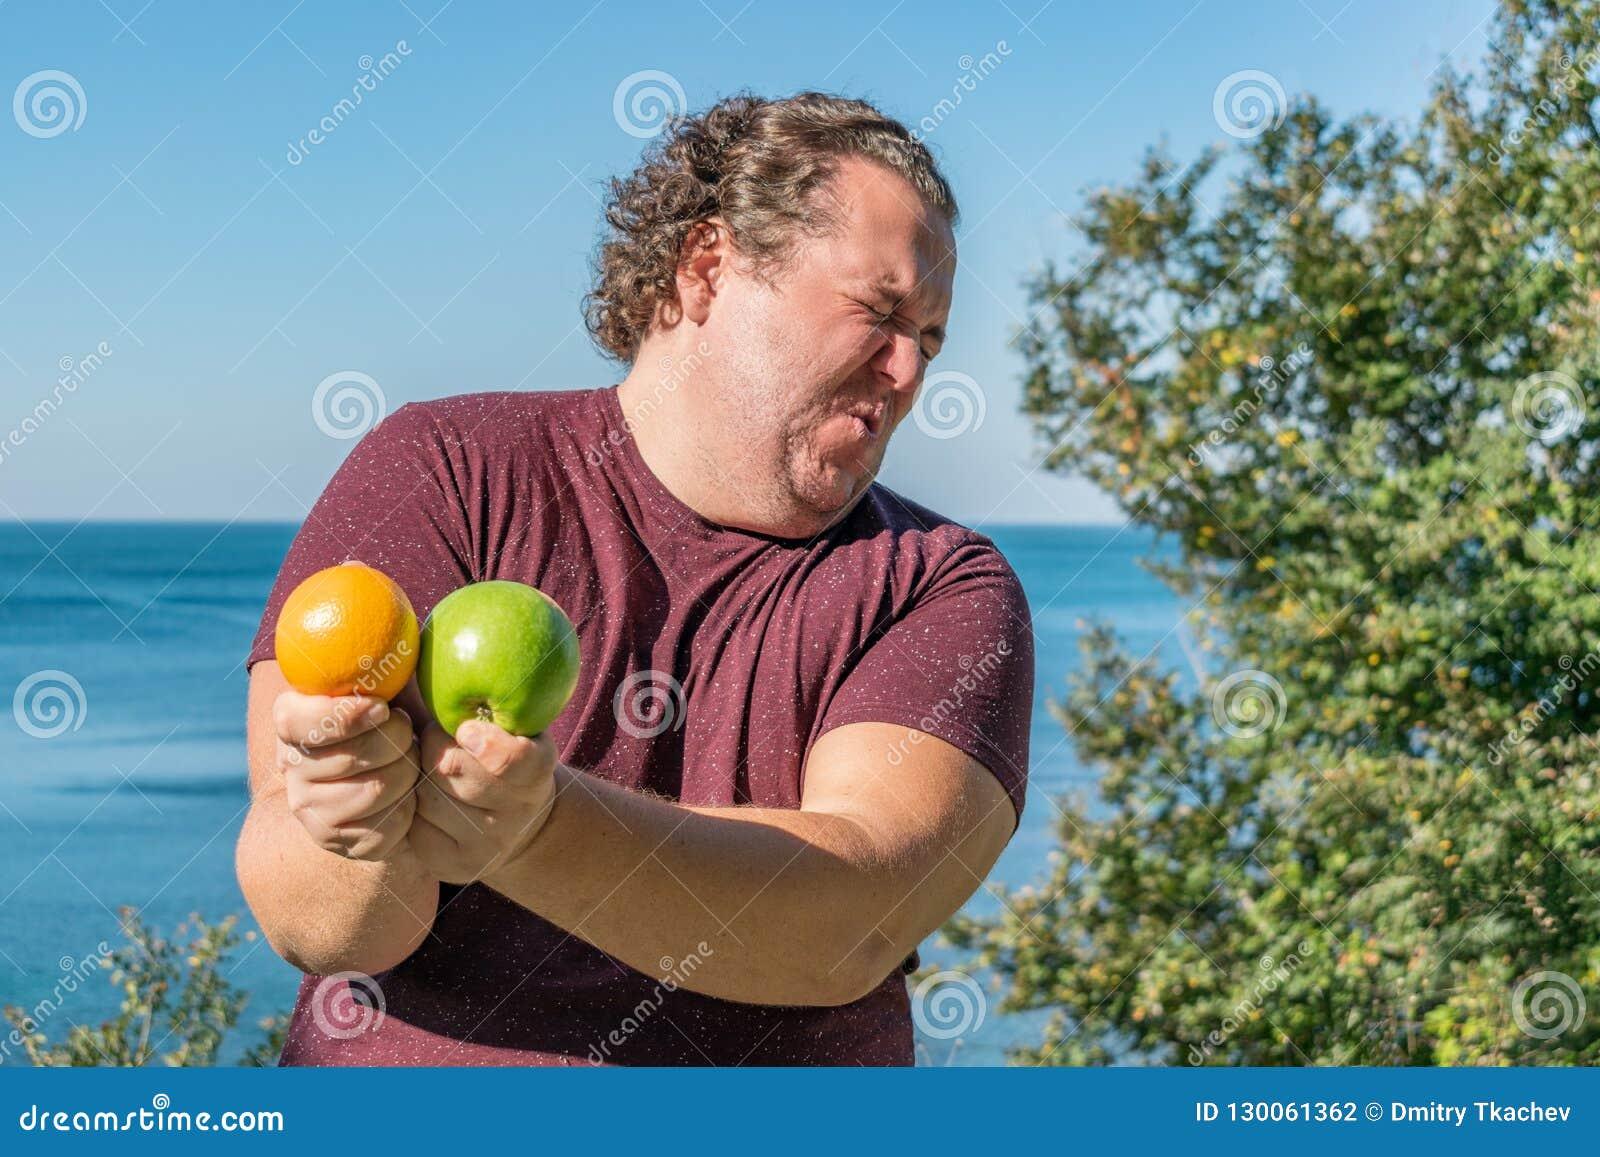 Αστείο παχύ άτομο στον ωκεανό που τρώει τα φρούτα Διακοπές, απώλεια βάρους και υγιής κατανάλωση